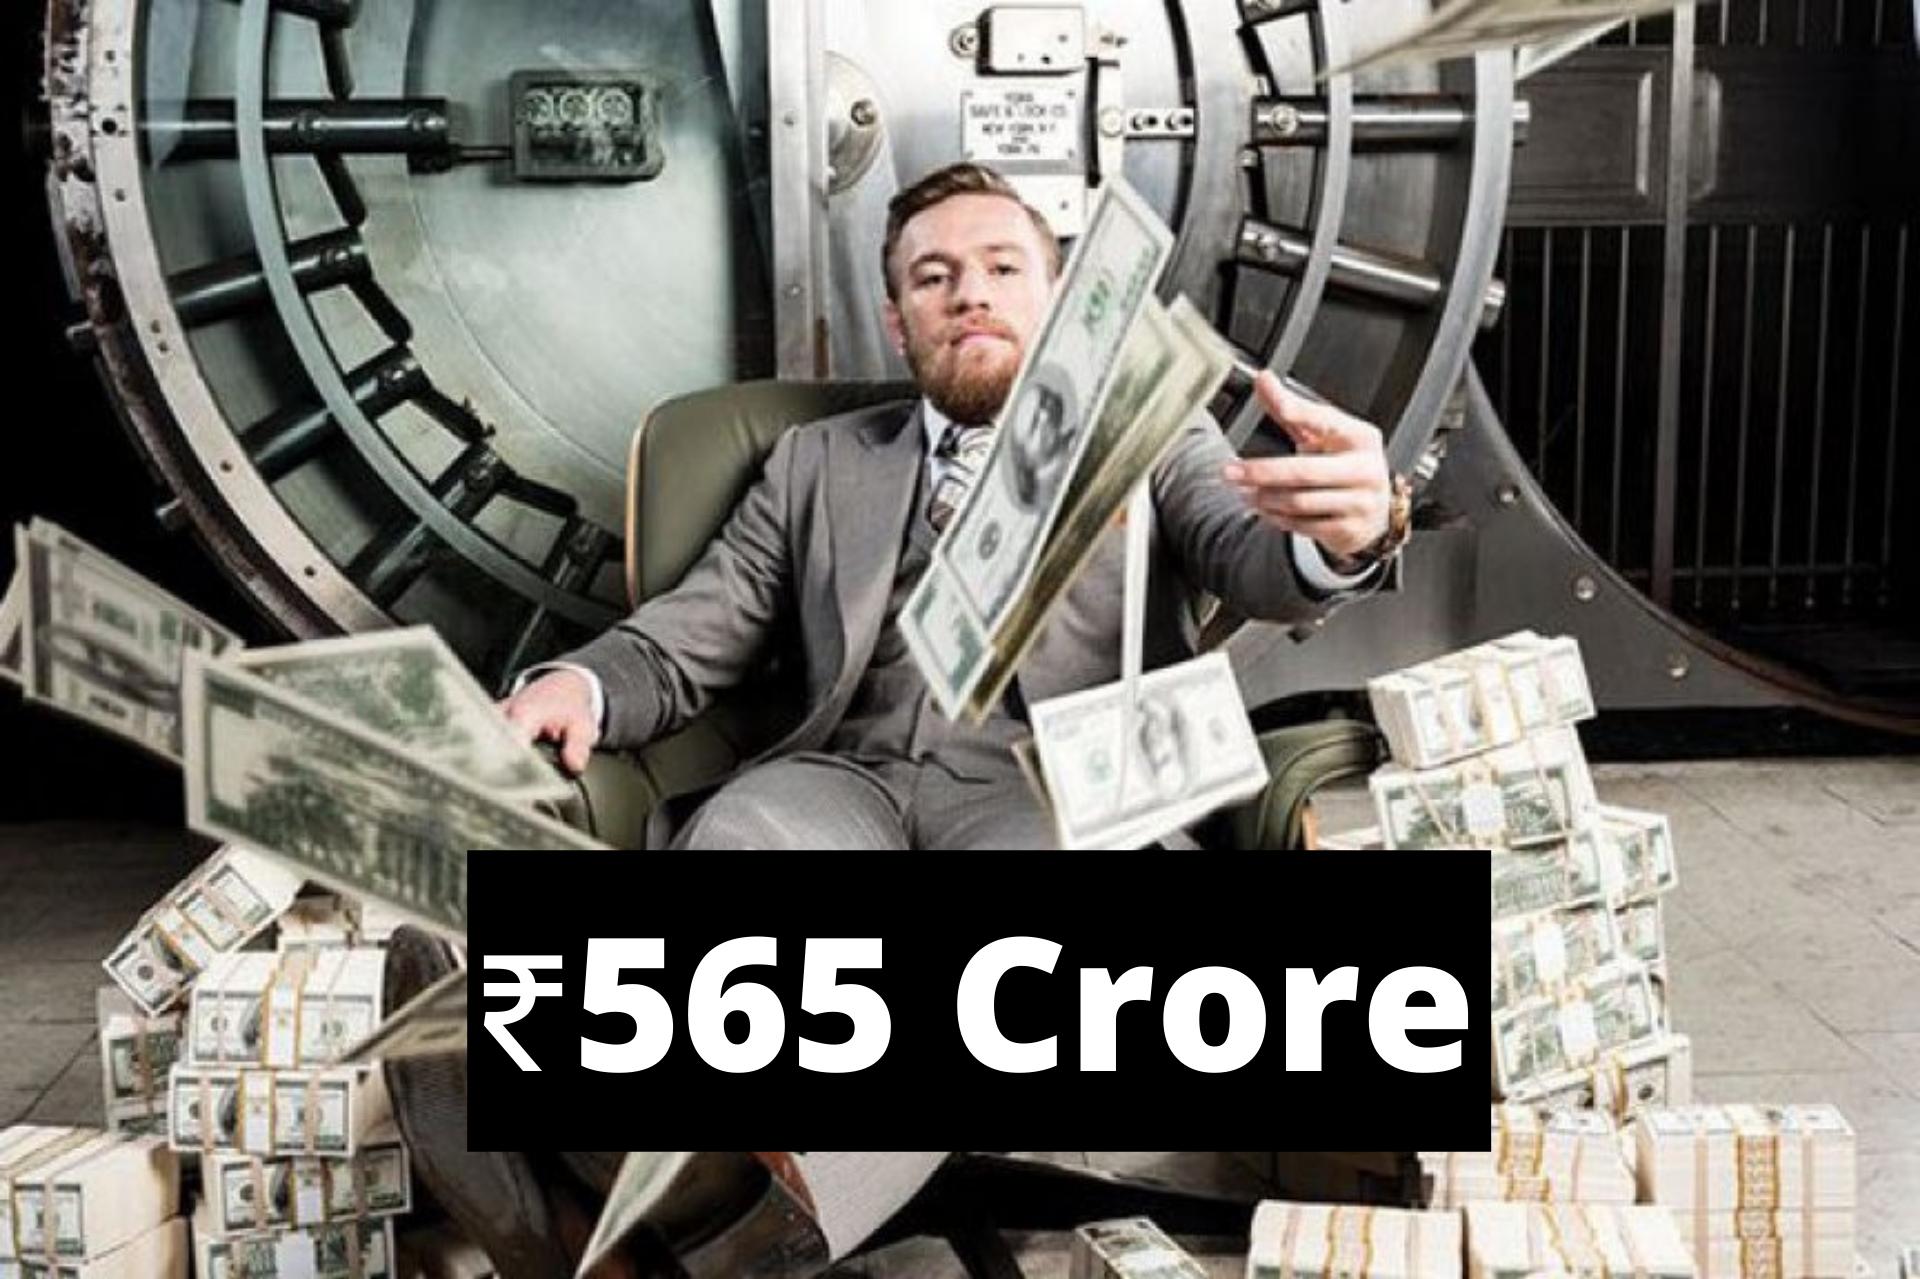 Conor McGregor to make ₹565 Crore for the Donald Cerrone fight - Conor McGregor to make